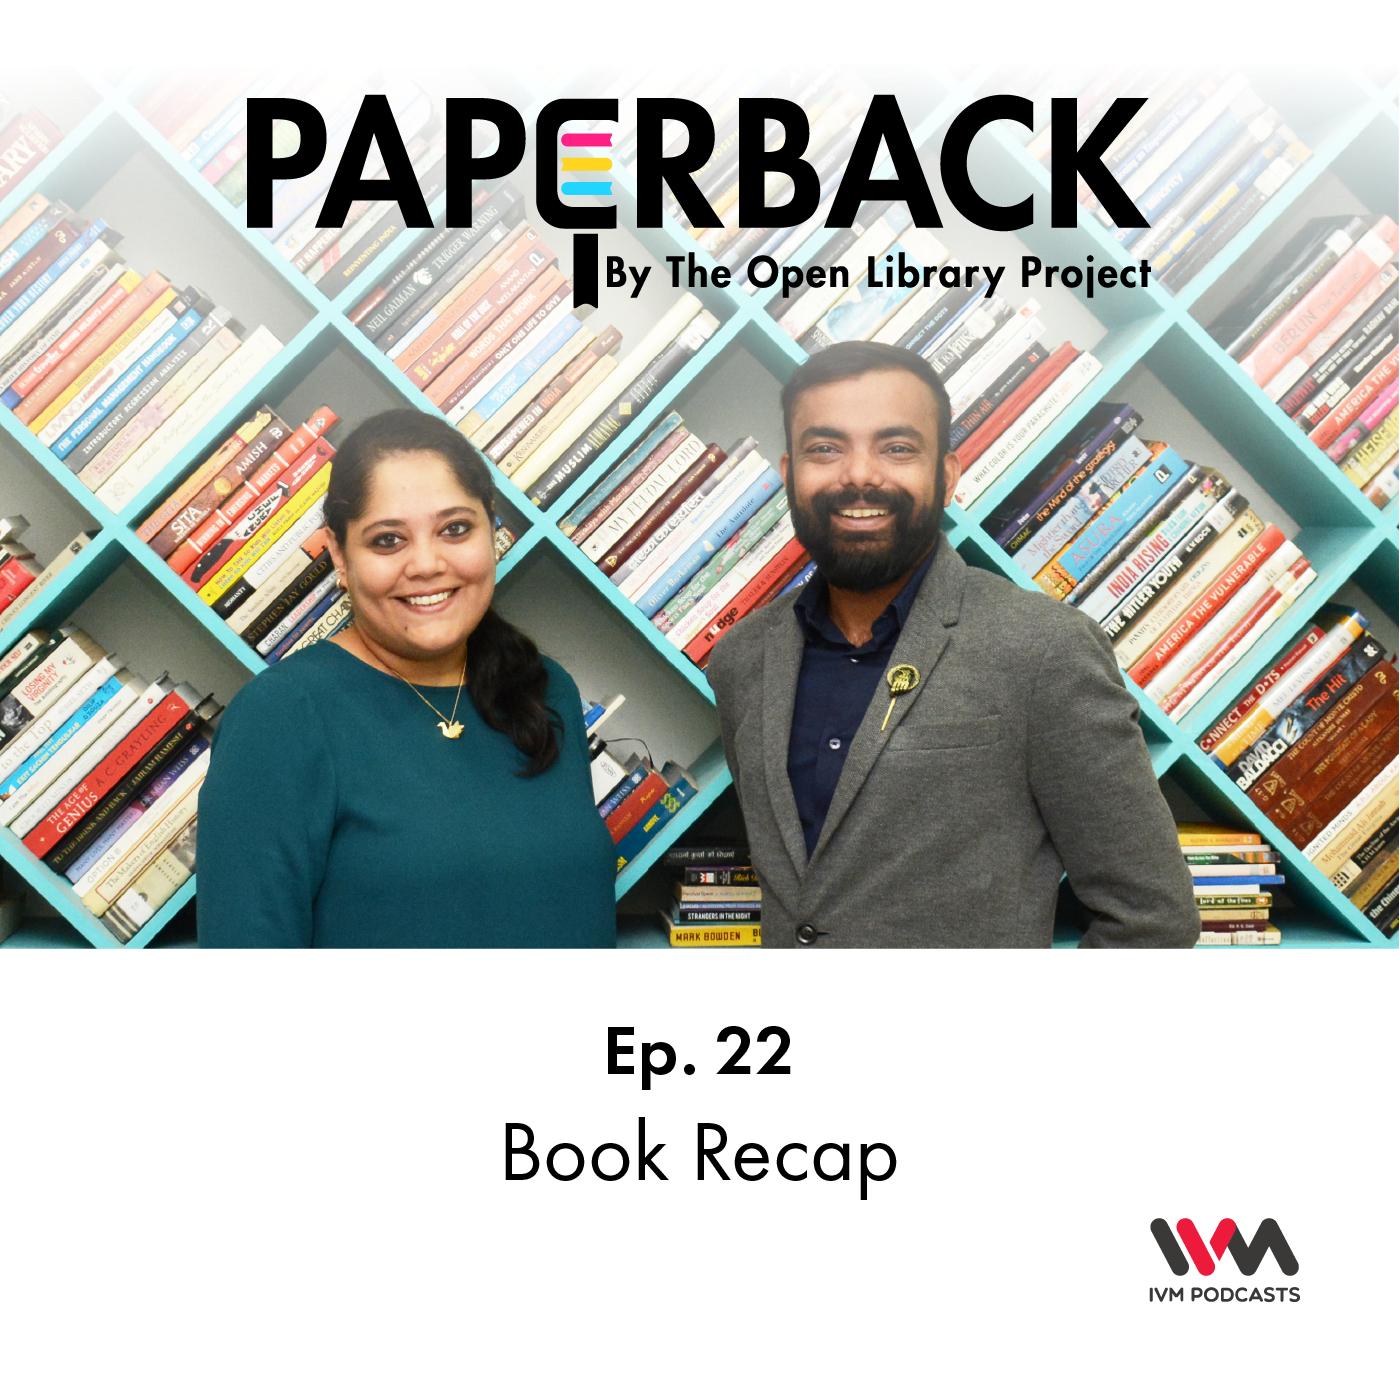 Ep. 22: Book Recap